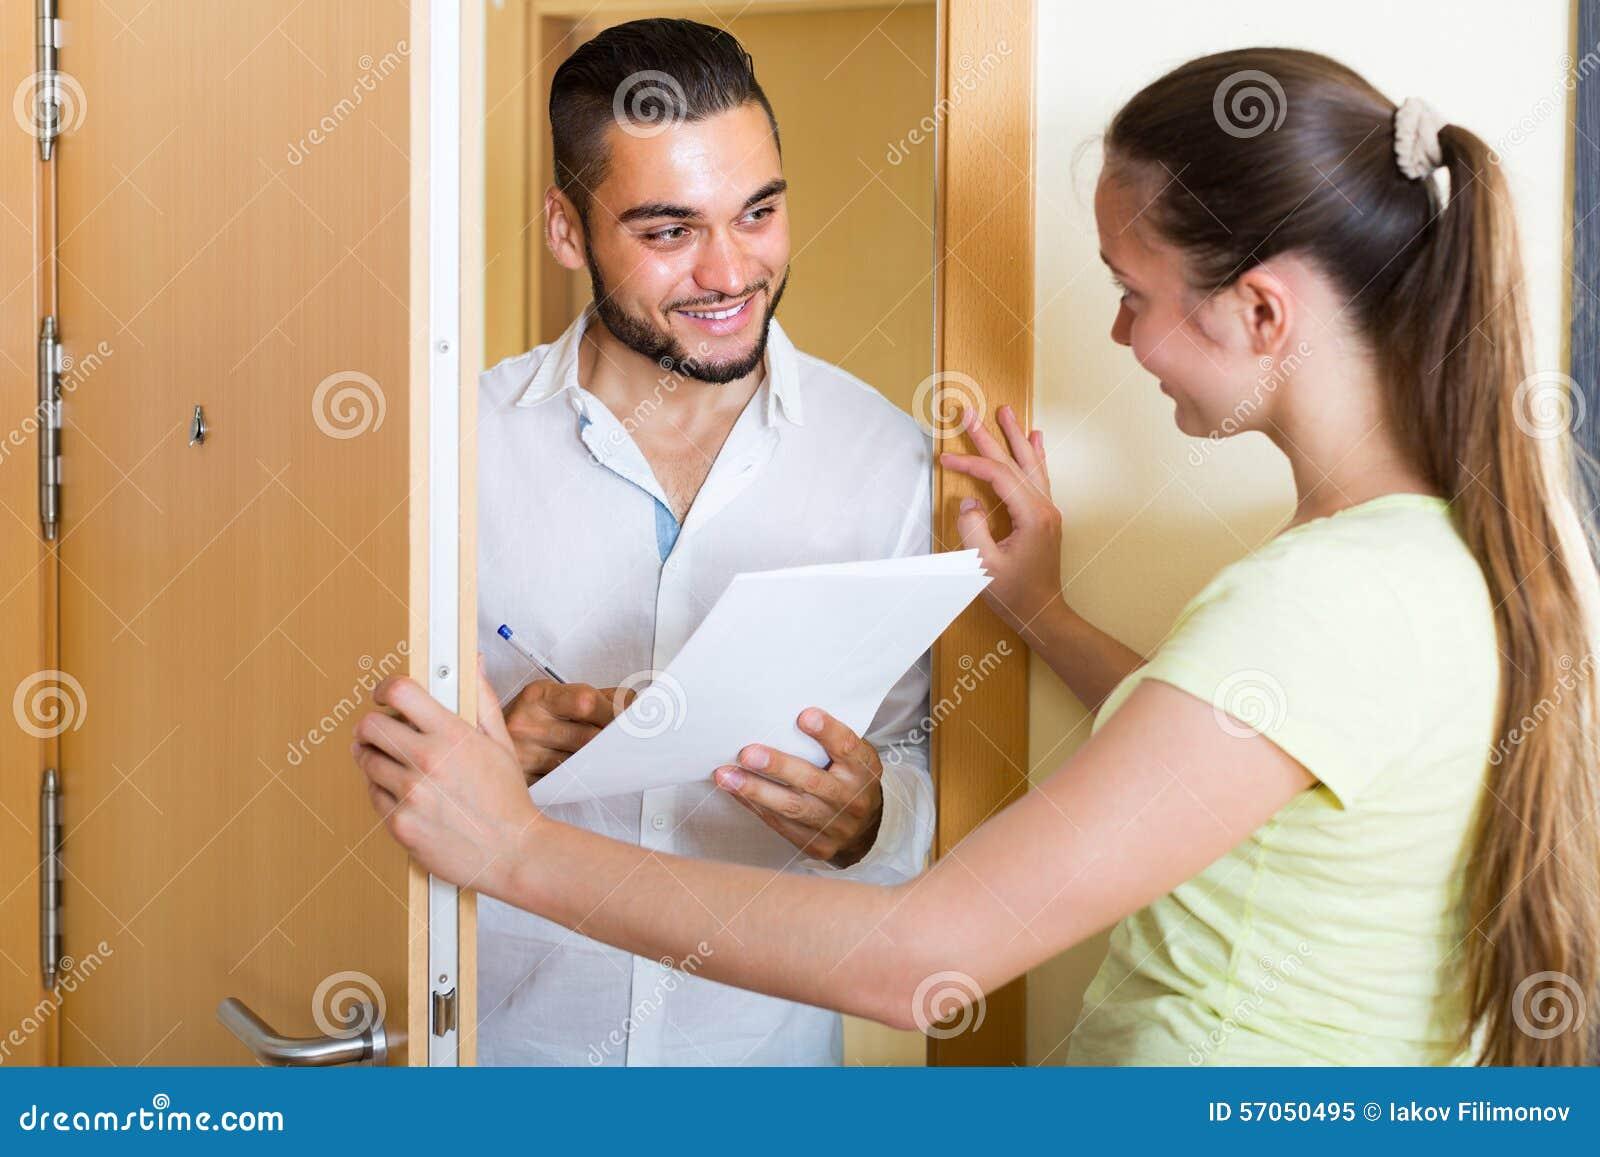 Gesprek bij de deuropening